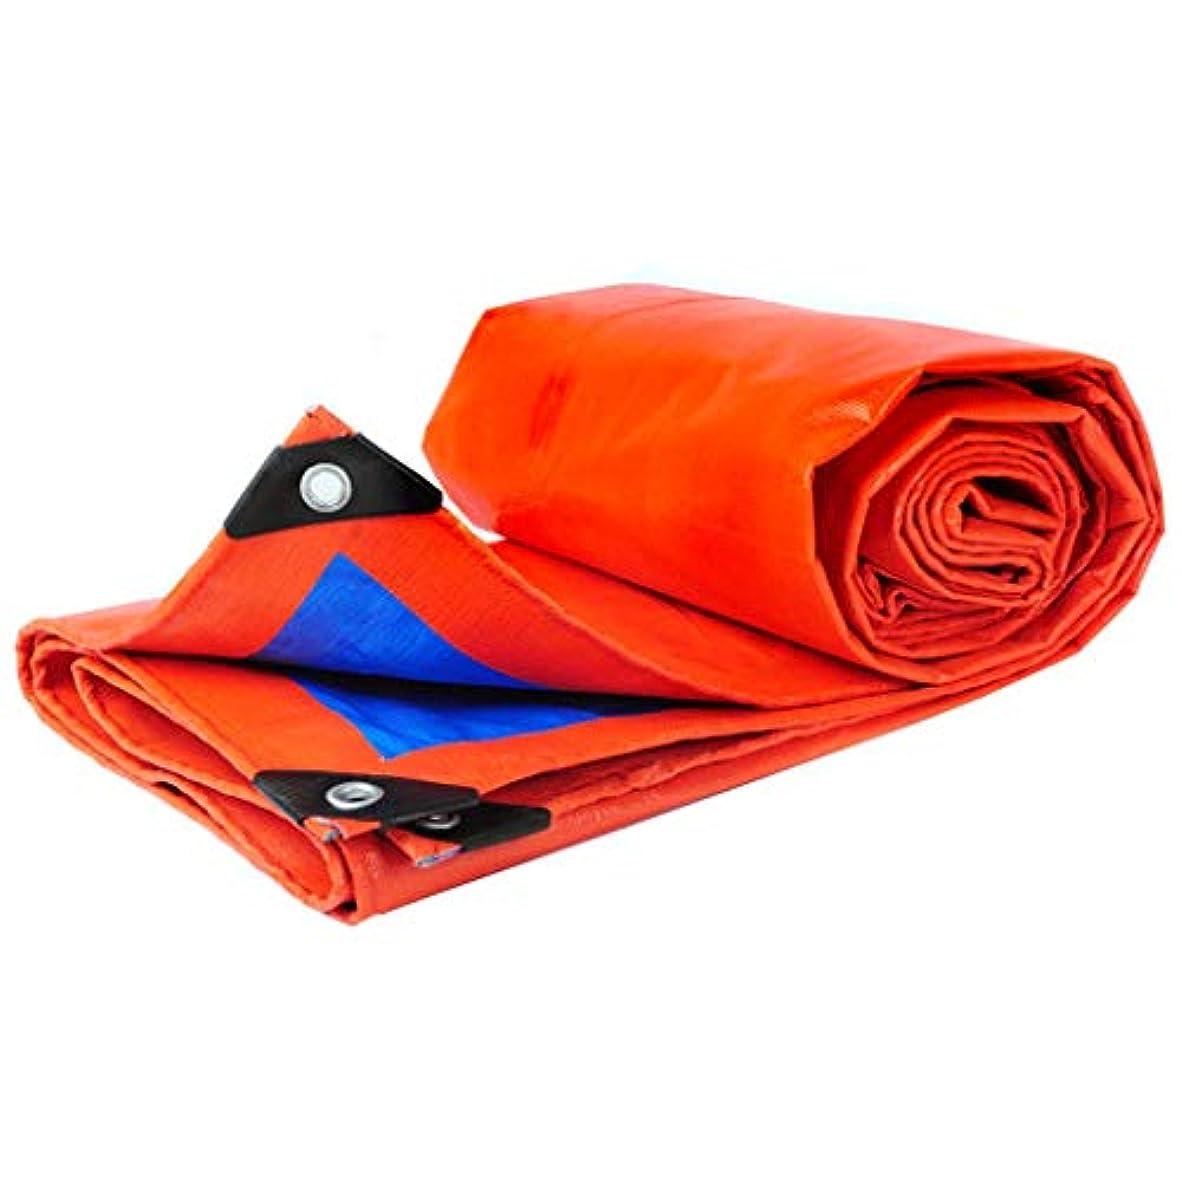 告発者レジデンス急流防水シート防水日焼け止め肥厚雨シェード布絶縁ポンチョプラスチックpeキャノピーキャンバスターポリン (Color : Blue and orange, Size : 3x5m)